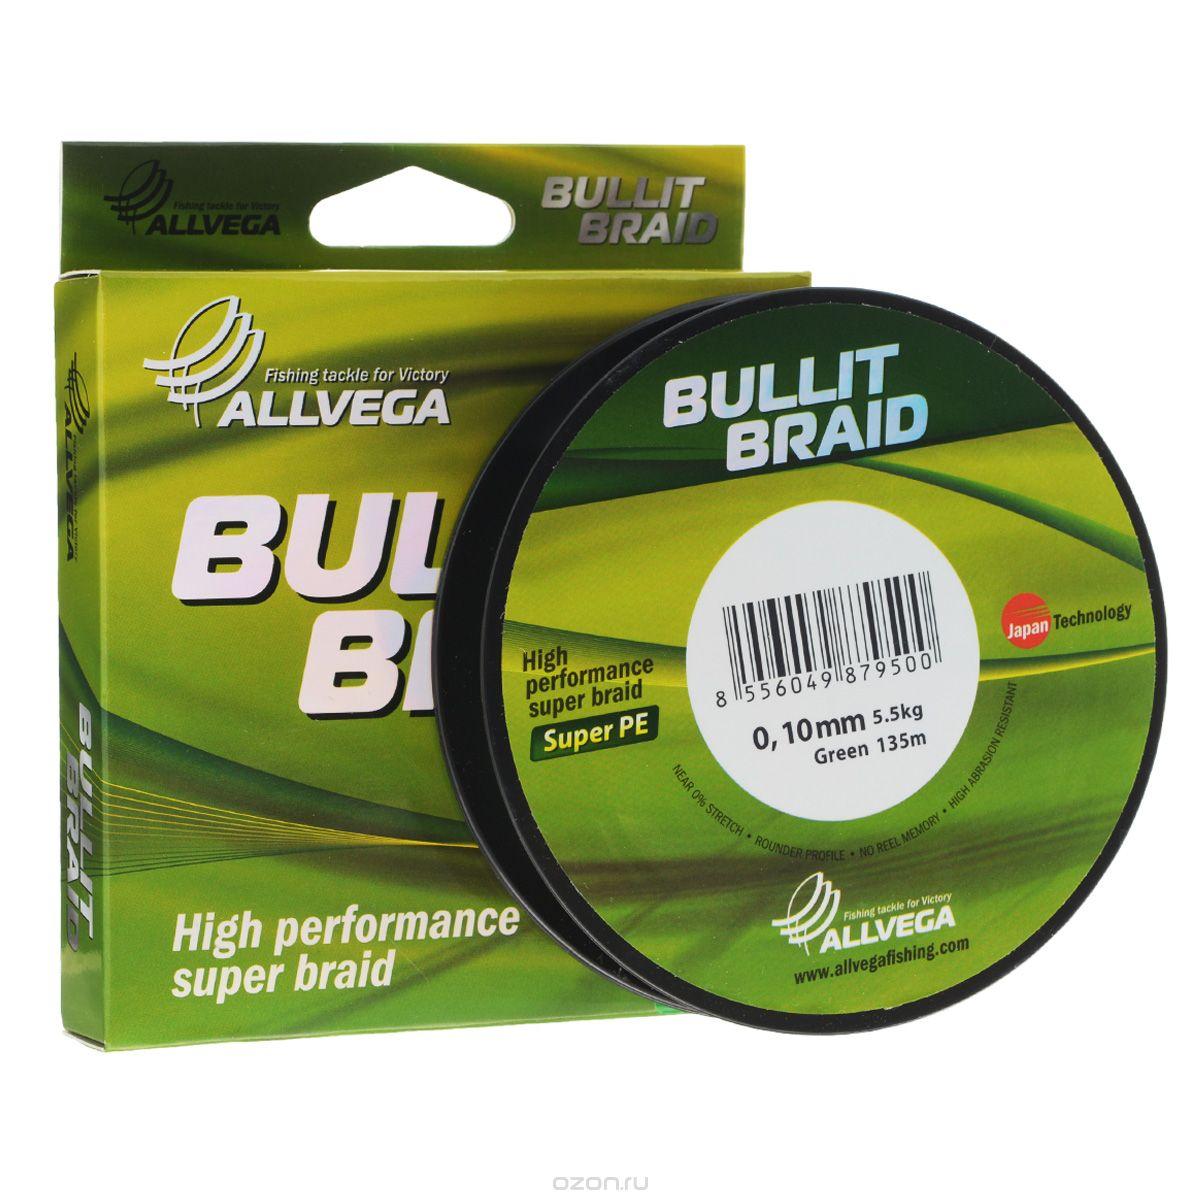 Леска плетеная Allvega Bullit Braid 270м тёмно-зелёный 0.10мм (5,5кг) (89096)Плетеные шнуры<br>Леска Allvega Bullit Braid с гладкой поверхностью и одинаковым сечением по всей длине обладает высокой износостойкостью. Благодаря микроволокнам полиэтилена (Super PE) леска имеет очень плотное плетение и не впитывает воду. Леску Allvega Bullit Braid ...<br>